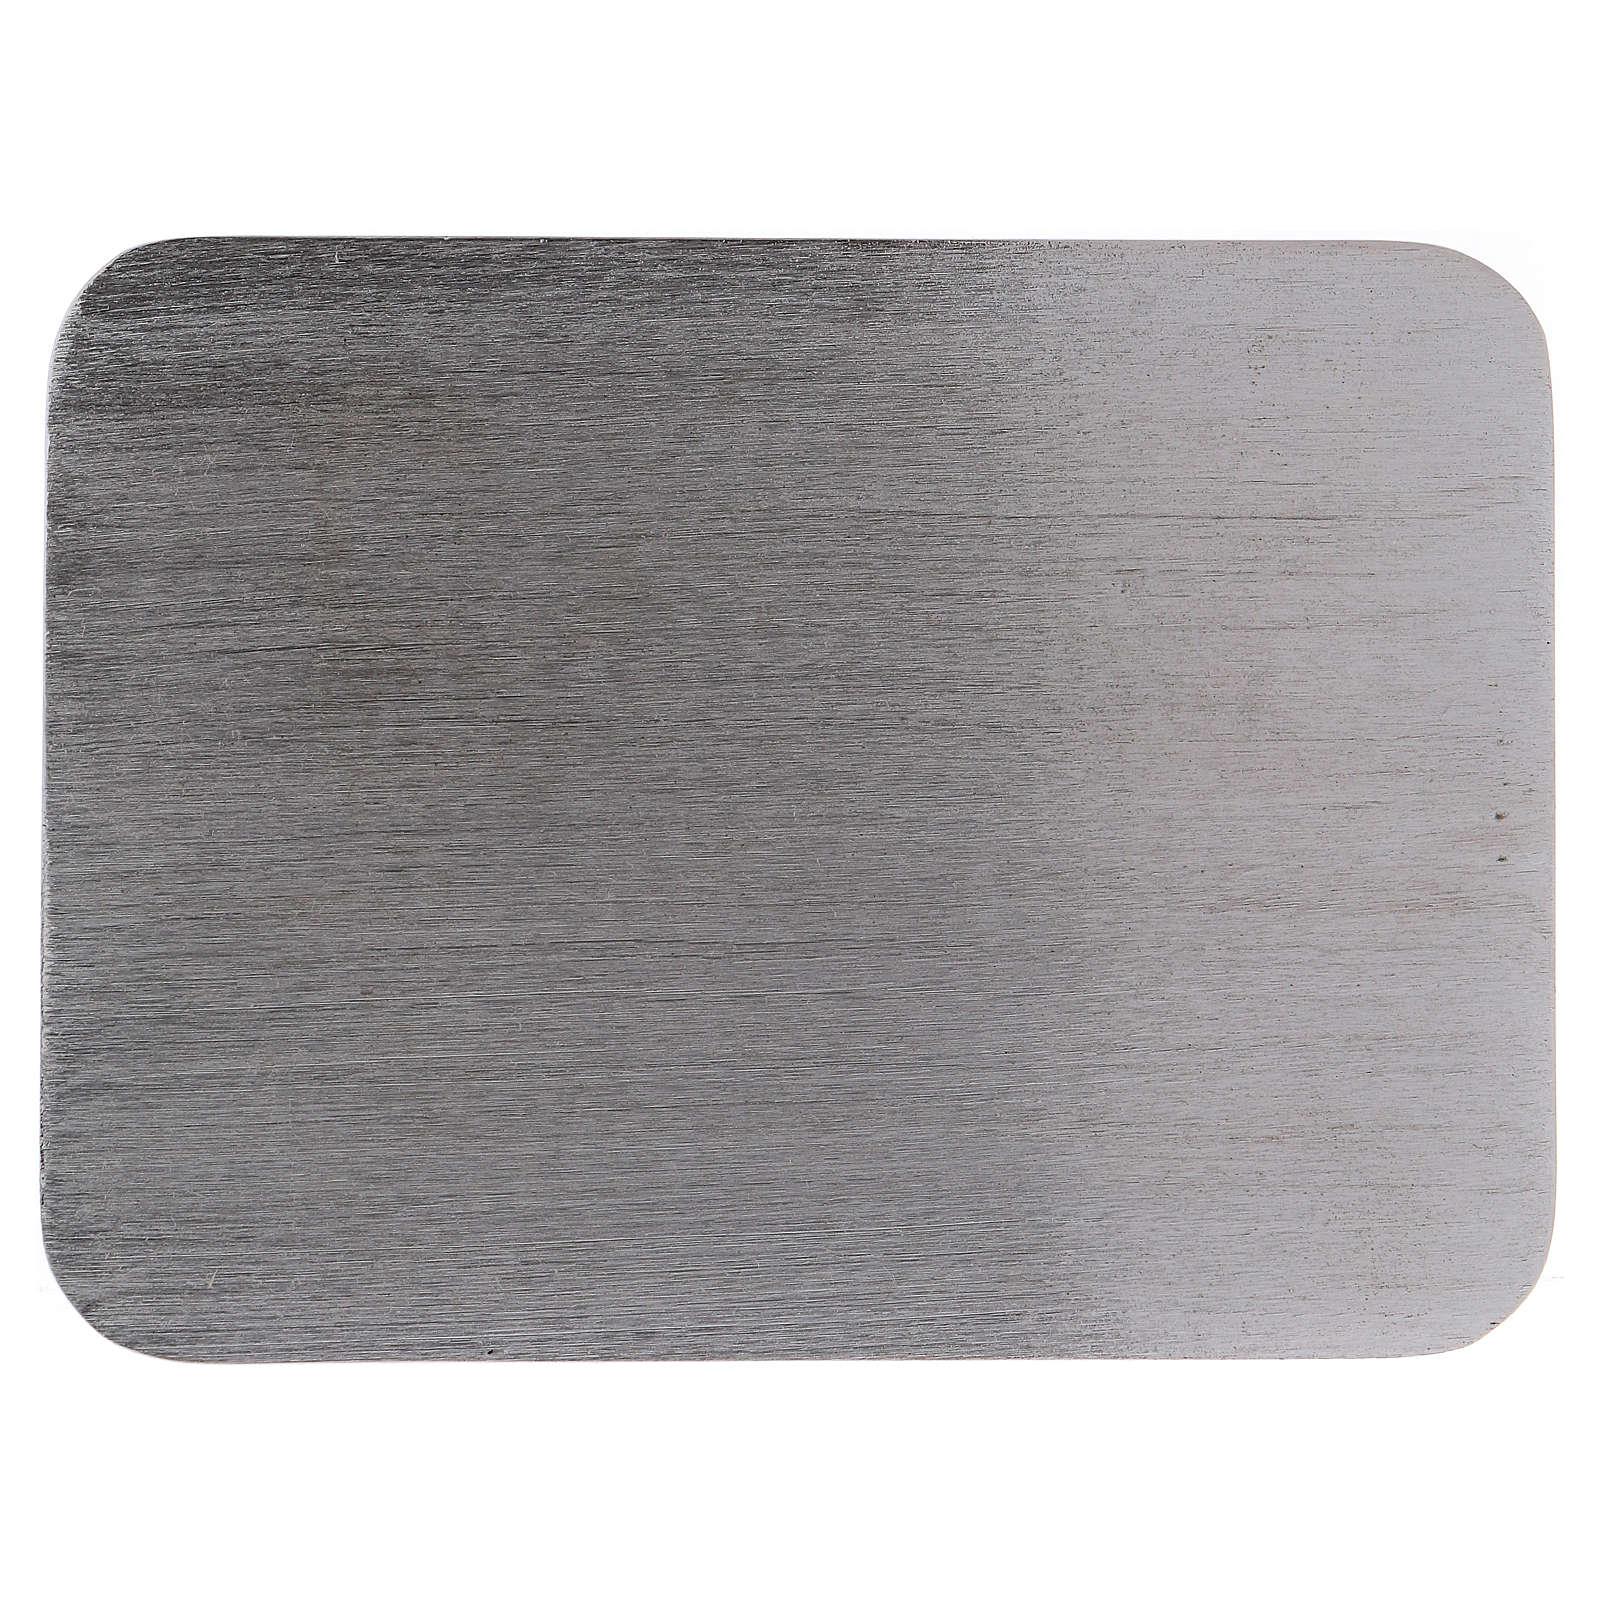 Piatto portacandele alluminio rettangolare 13,5x10 cm 3